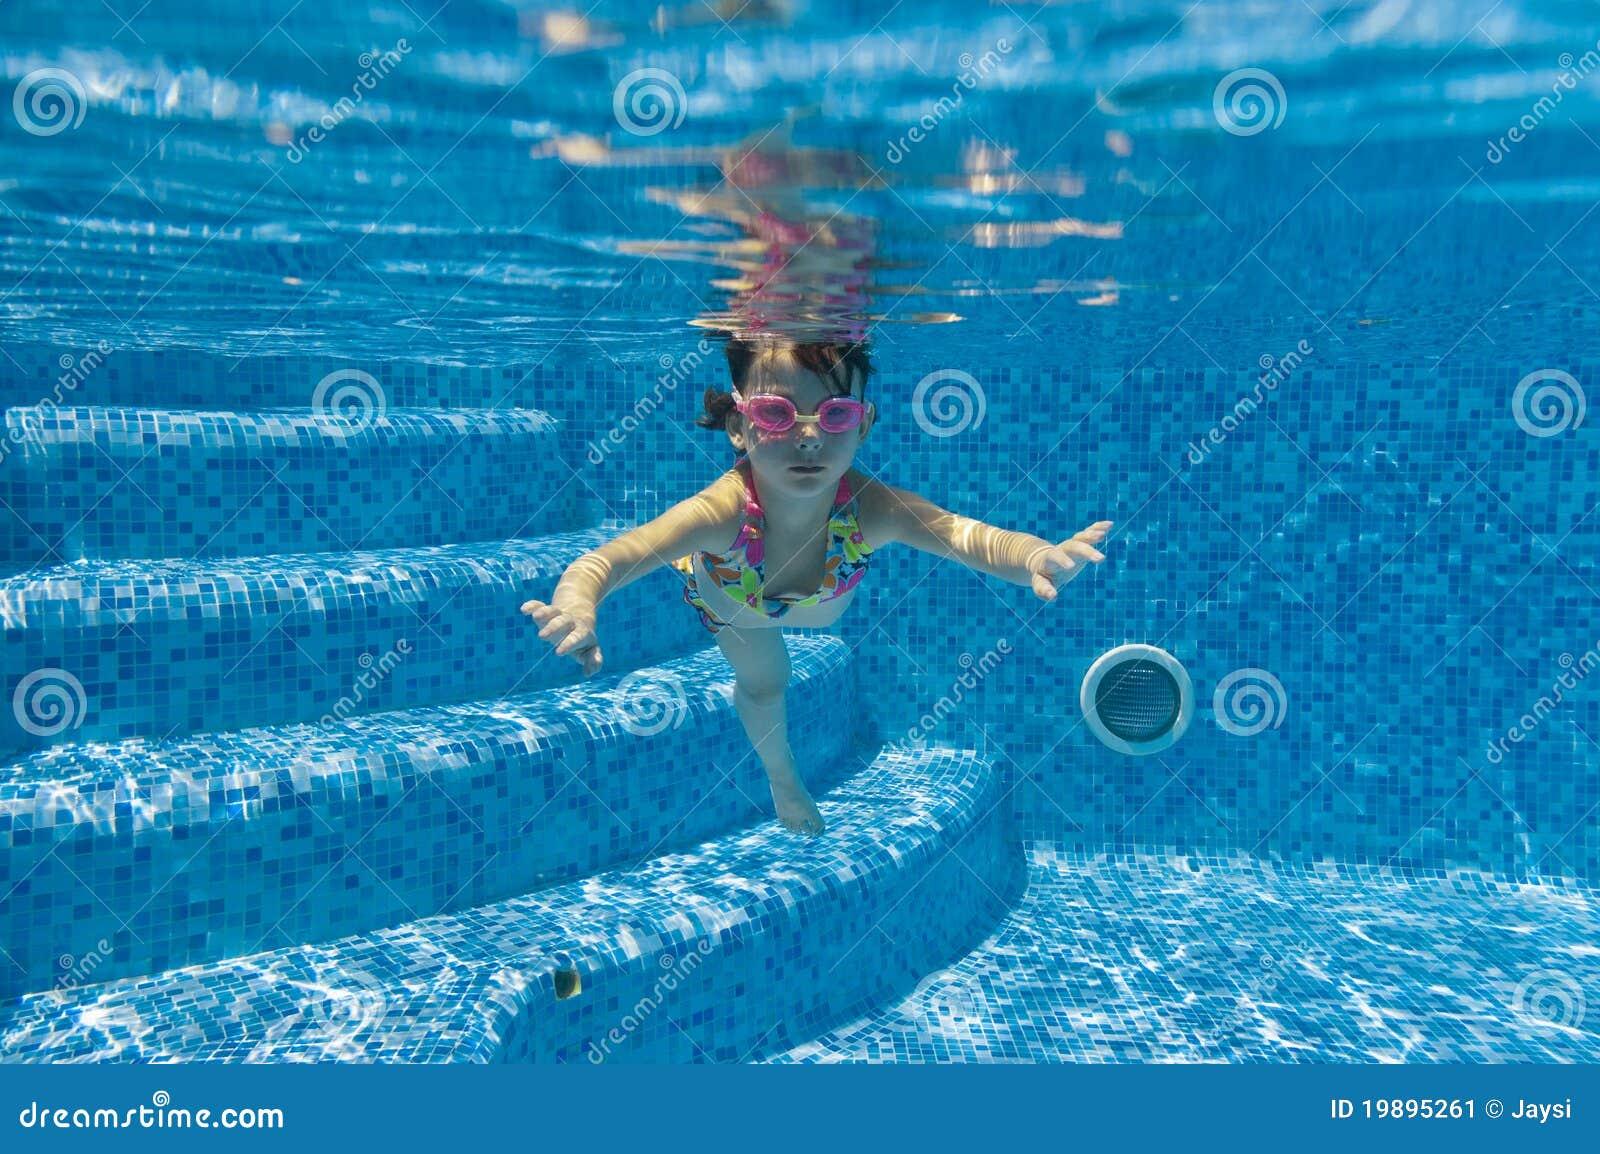 child swimming underwater - photo #29